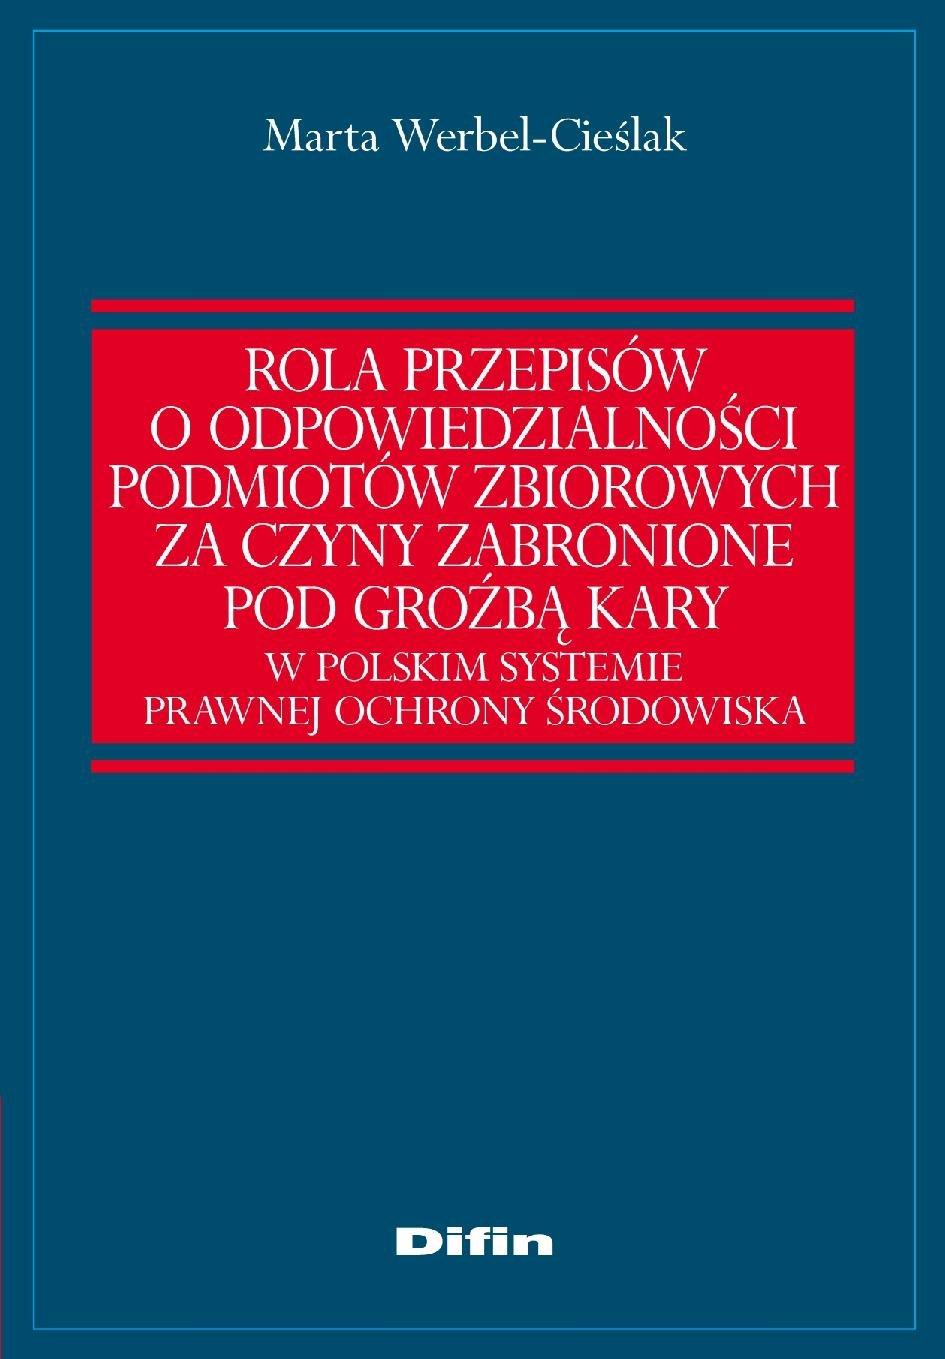 Rola przepisów o odpowiedzialności podmiotów zbiorowych za czyny zabronione pod groźbą kary w polskim systemie prawnej ochrony środowiska - Ebook (Książka PDF) do pobrania w formacie PDF